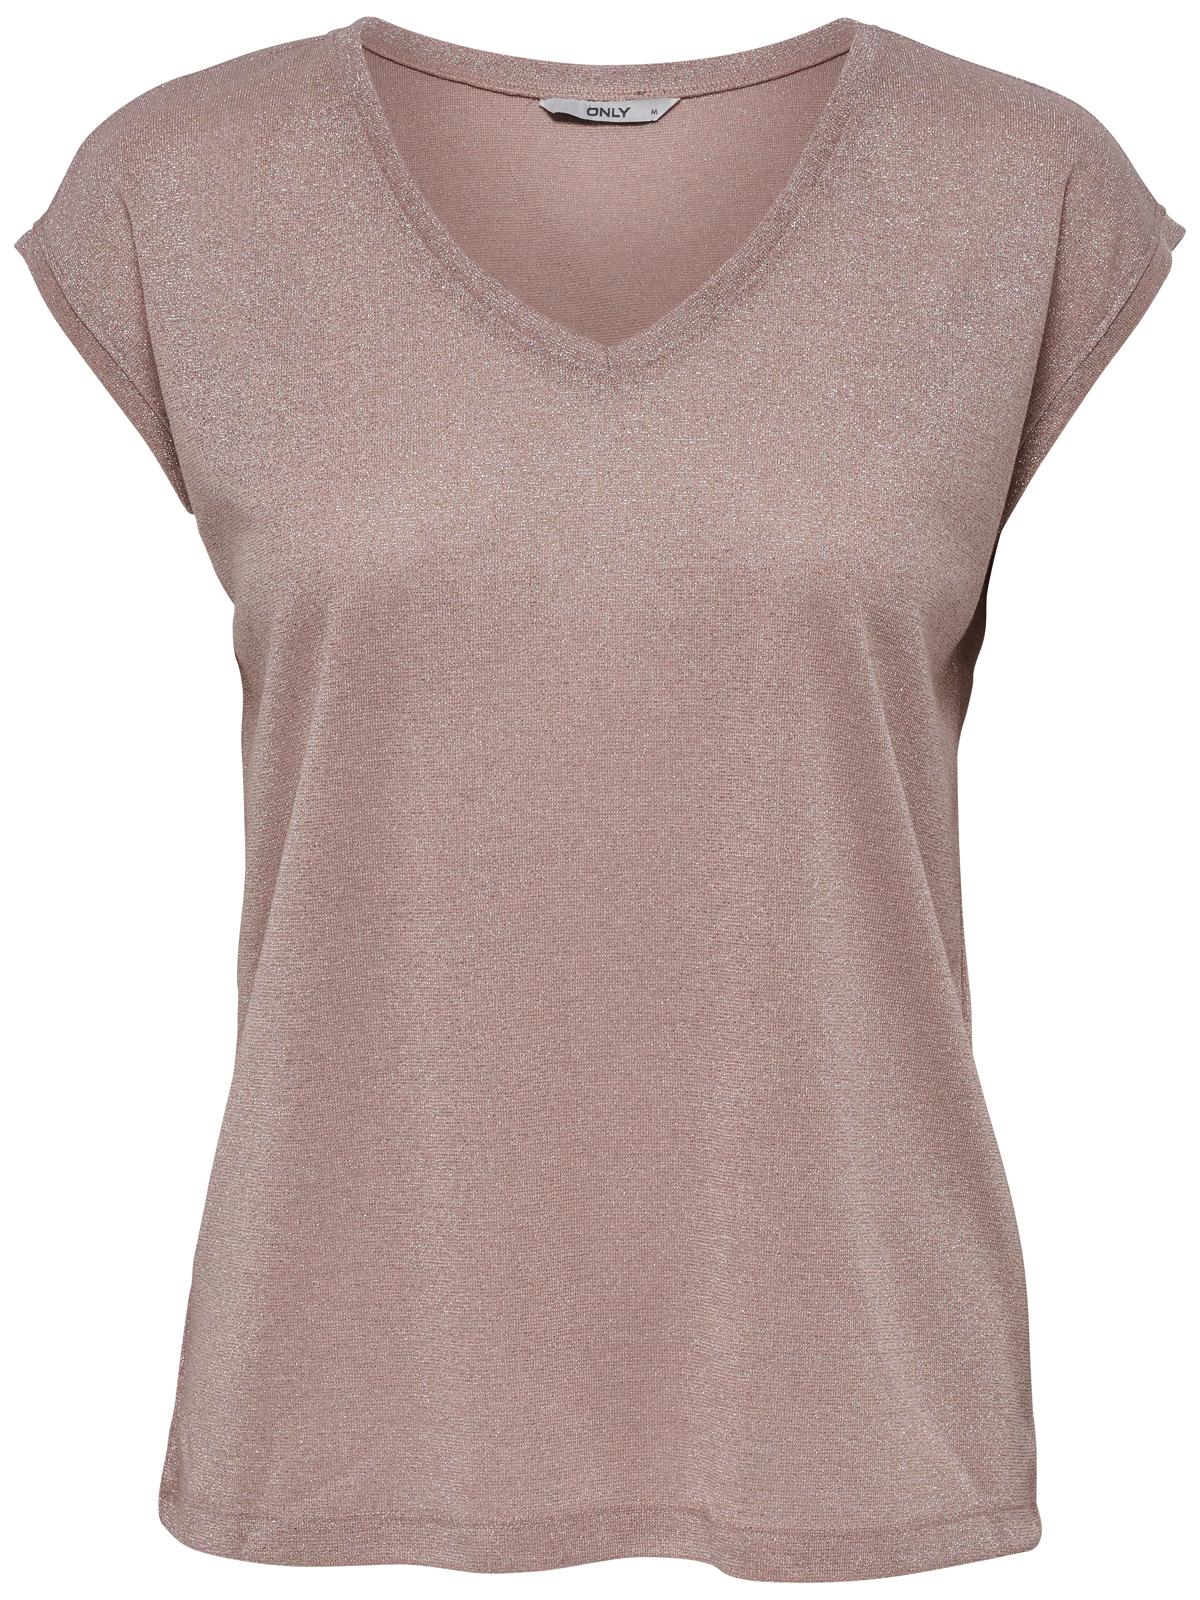 only damen v neck glitzer shirt onlsilvery top jrs. Black Bedroom Furniture Sets. Home Design Ideas